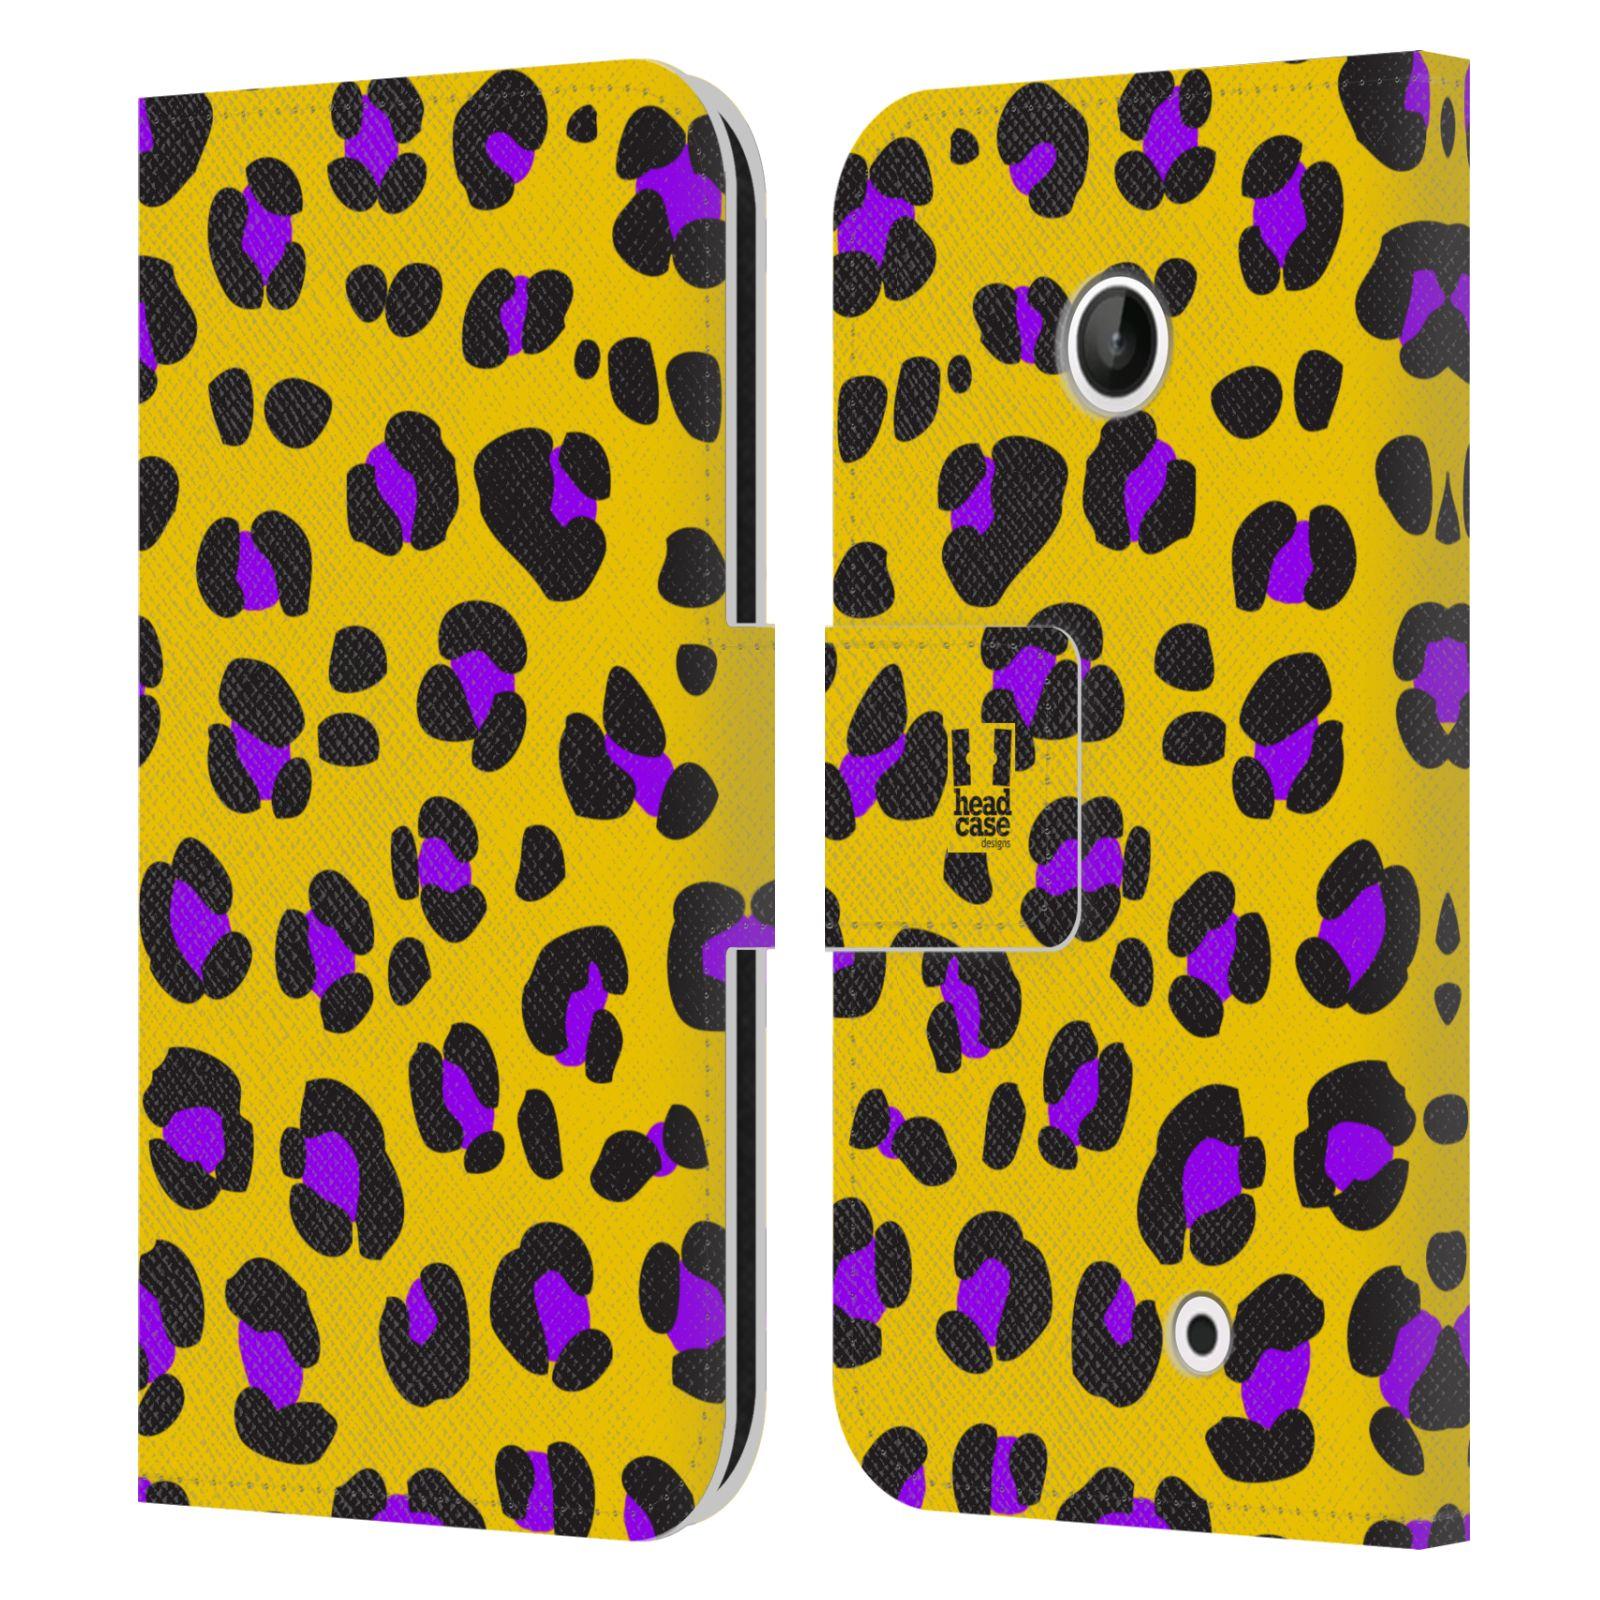 HEAD CASE Flipové pouzdro pro mobil NOKIA LUMIA 630 / LUMIA 630 DUAL Zvířecí barevné vzory žlutý leopard fialové skvrny